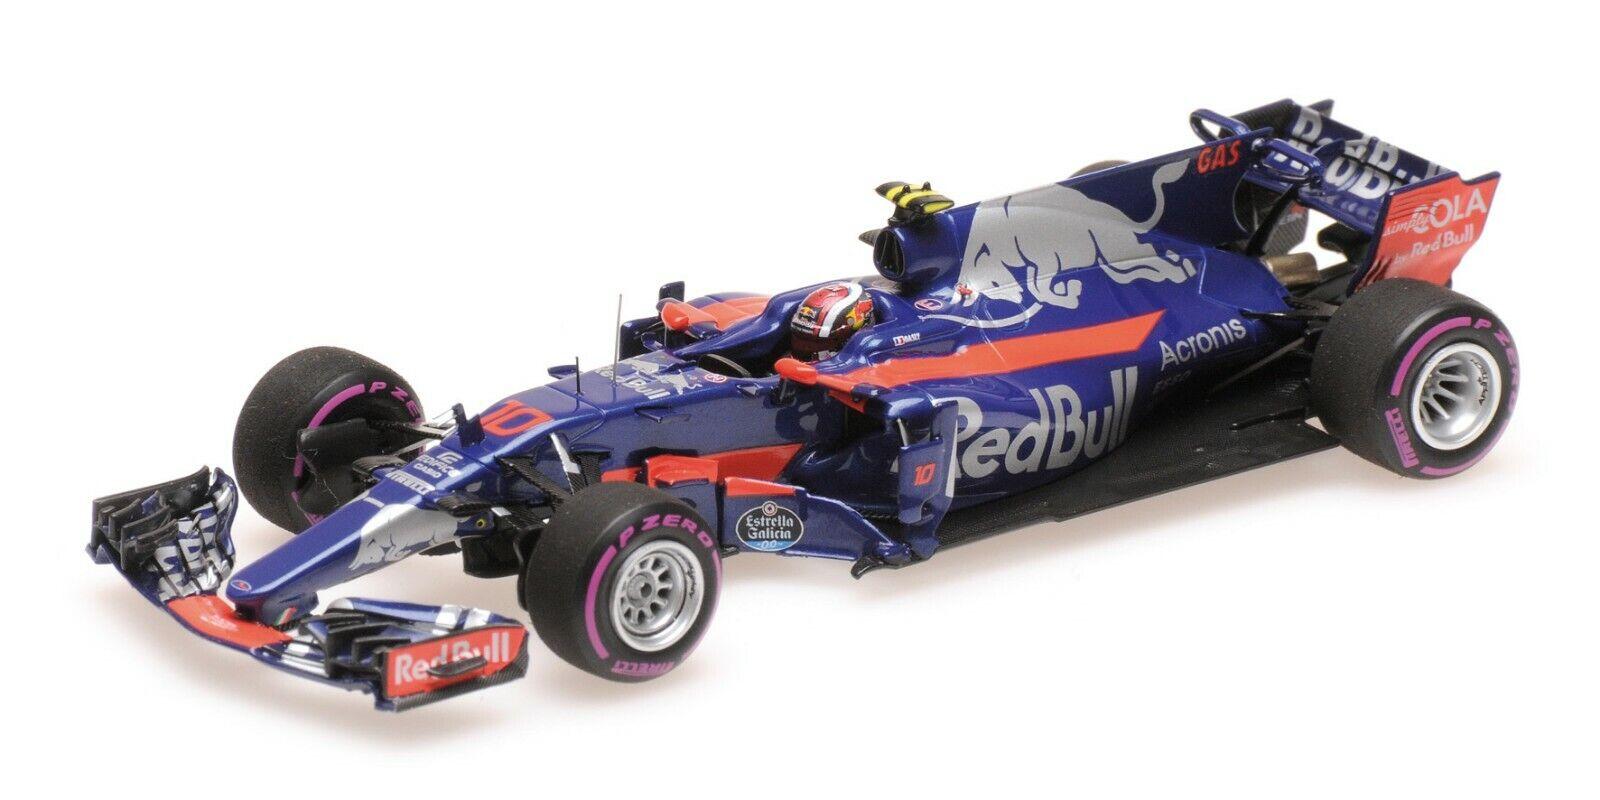 Minichamps F1 Scuderia Toro rojo STR12 Pierre Gasly 1 43 Mexican GP 2017